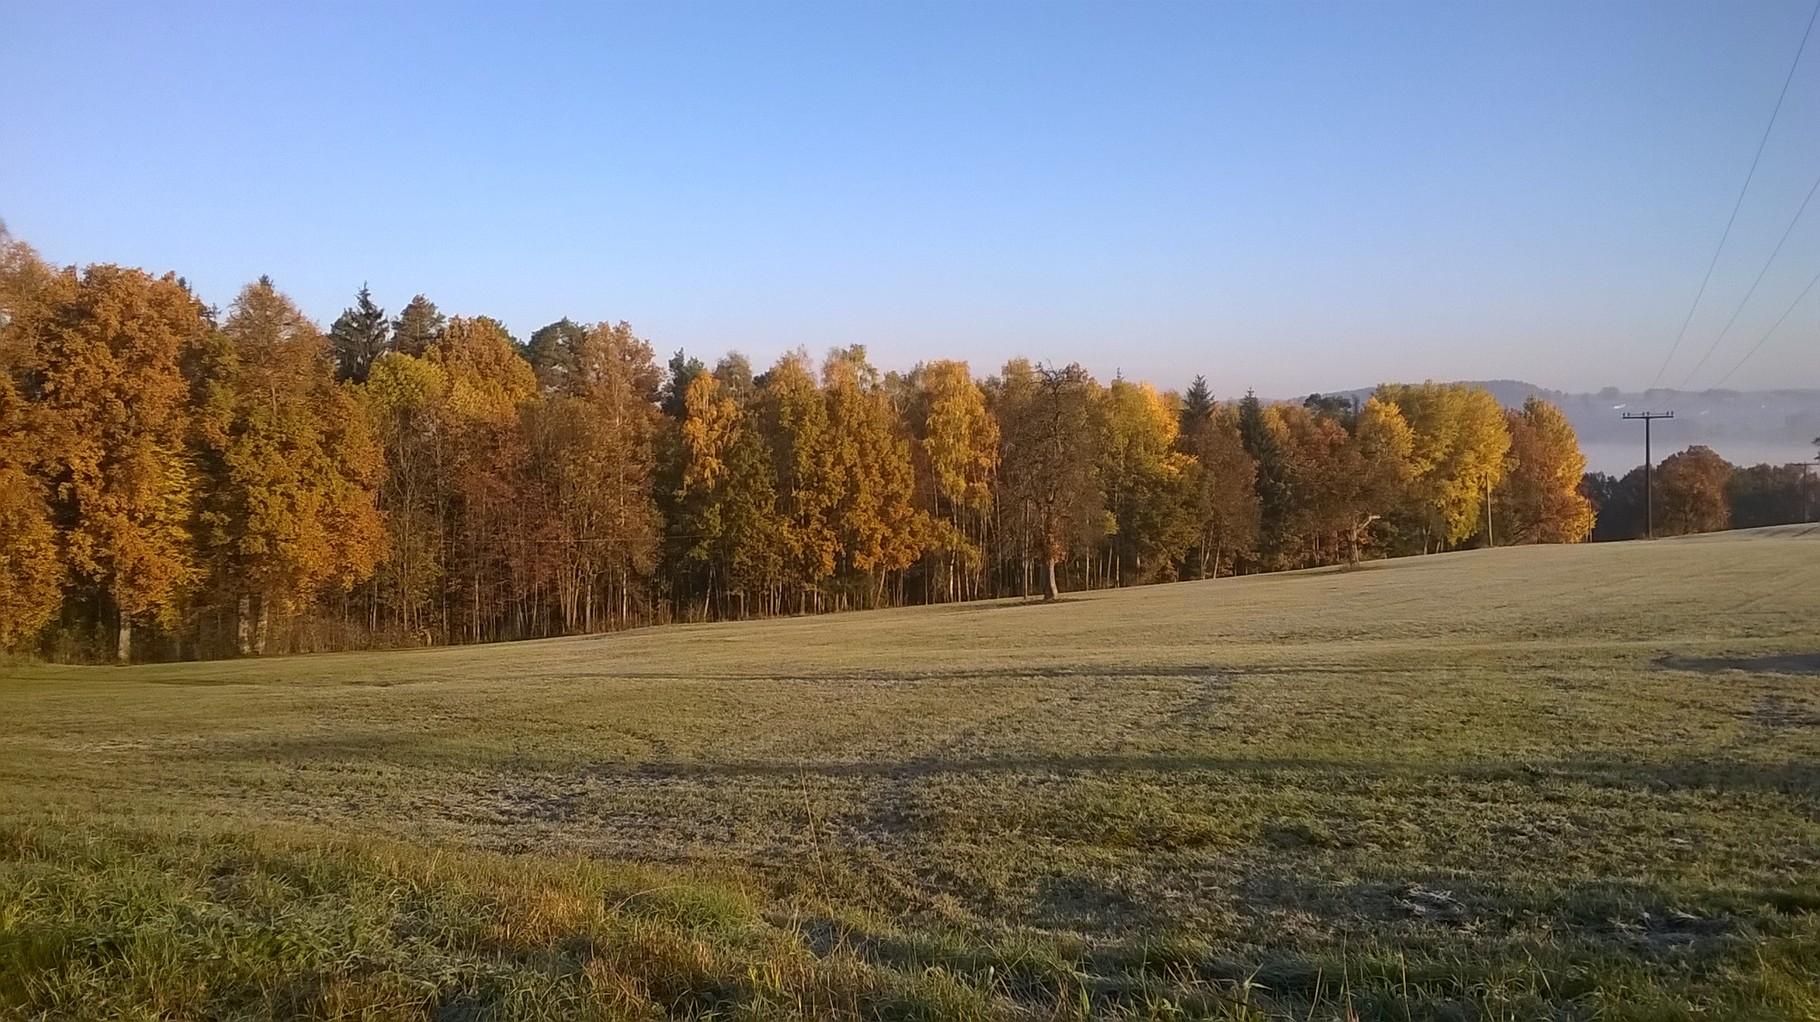 Herbstimpression 1 - meines Coaching-Aussenbereichs